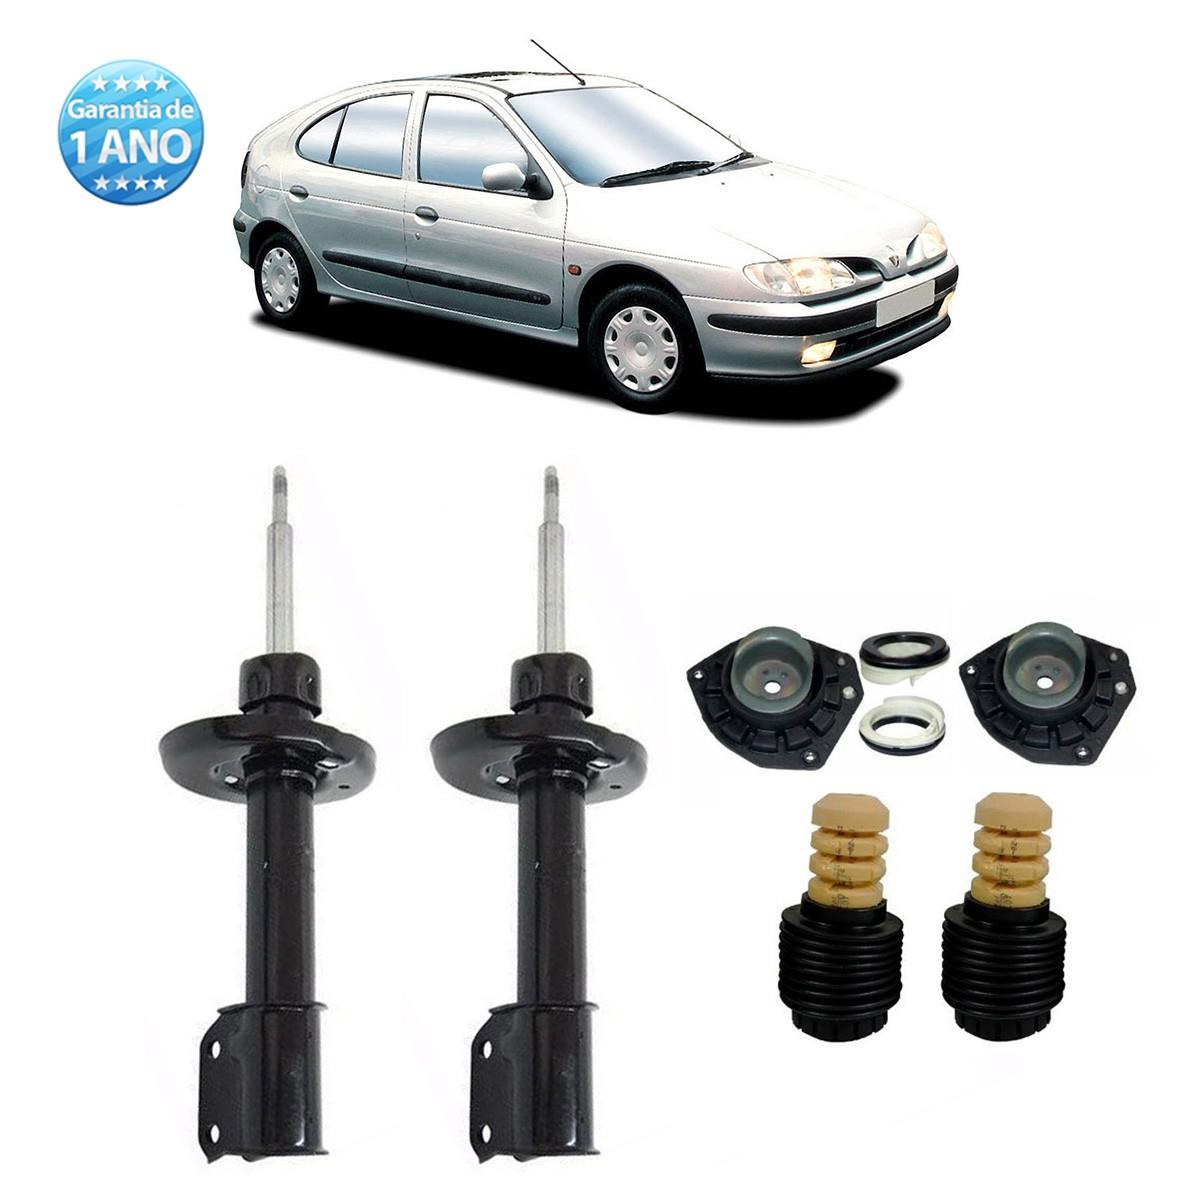 Par de Amortecedores Dianteiro Remanufaturados Renault Megane 1996 Até 2006 Scenic 1996 Até 2011 + Kit da Suspensão